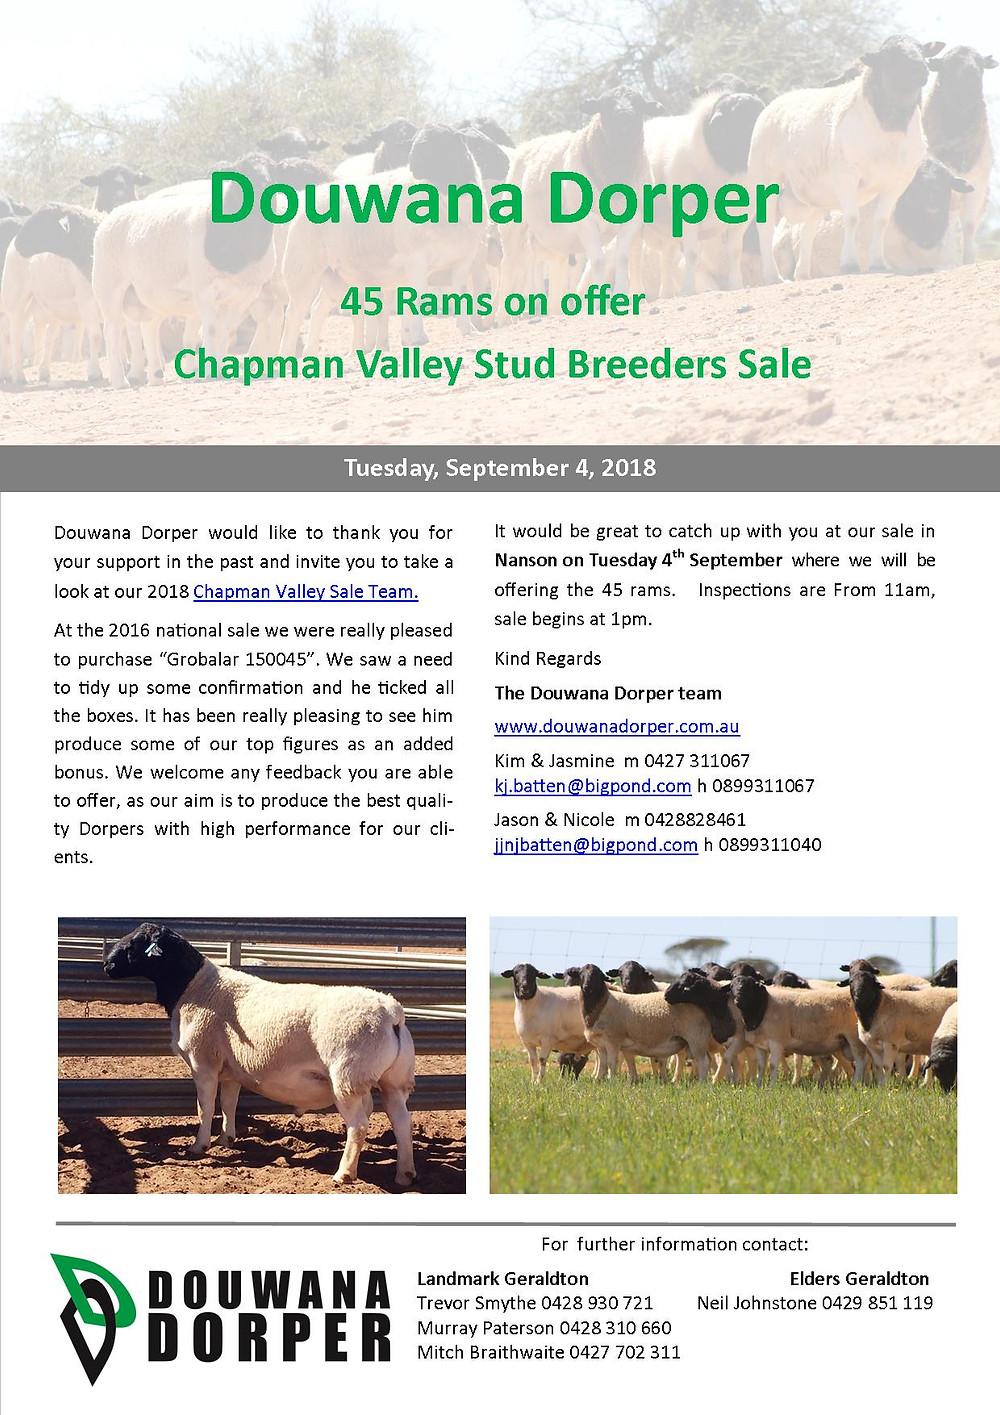 Chapman Valley Stud Breeders Sale - Douwana Dorper